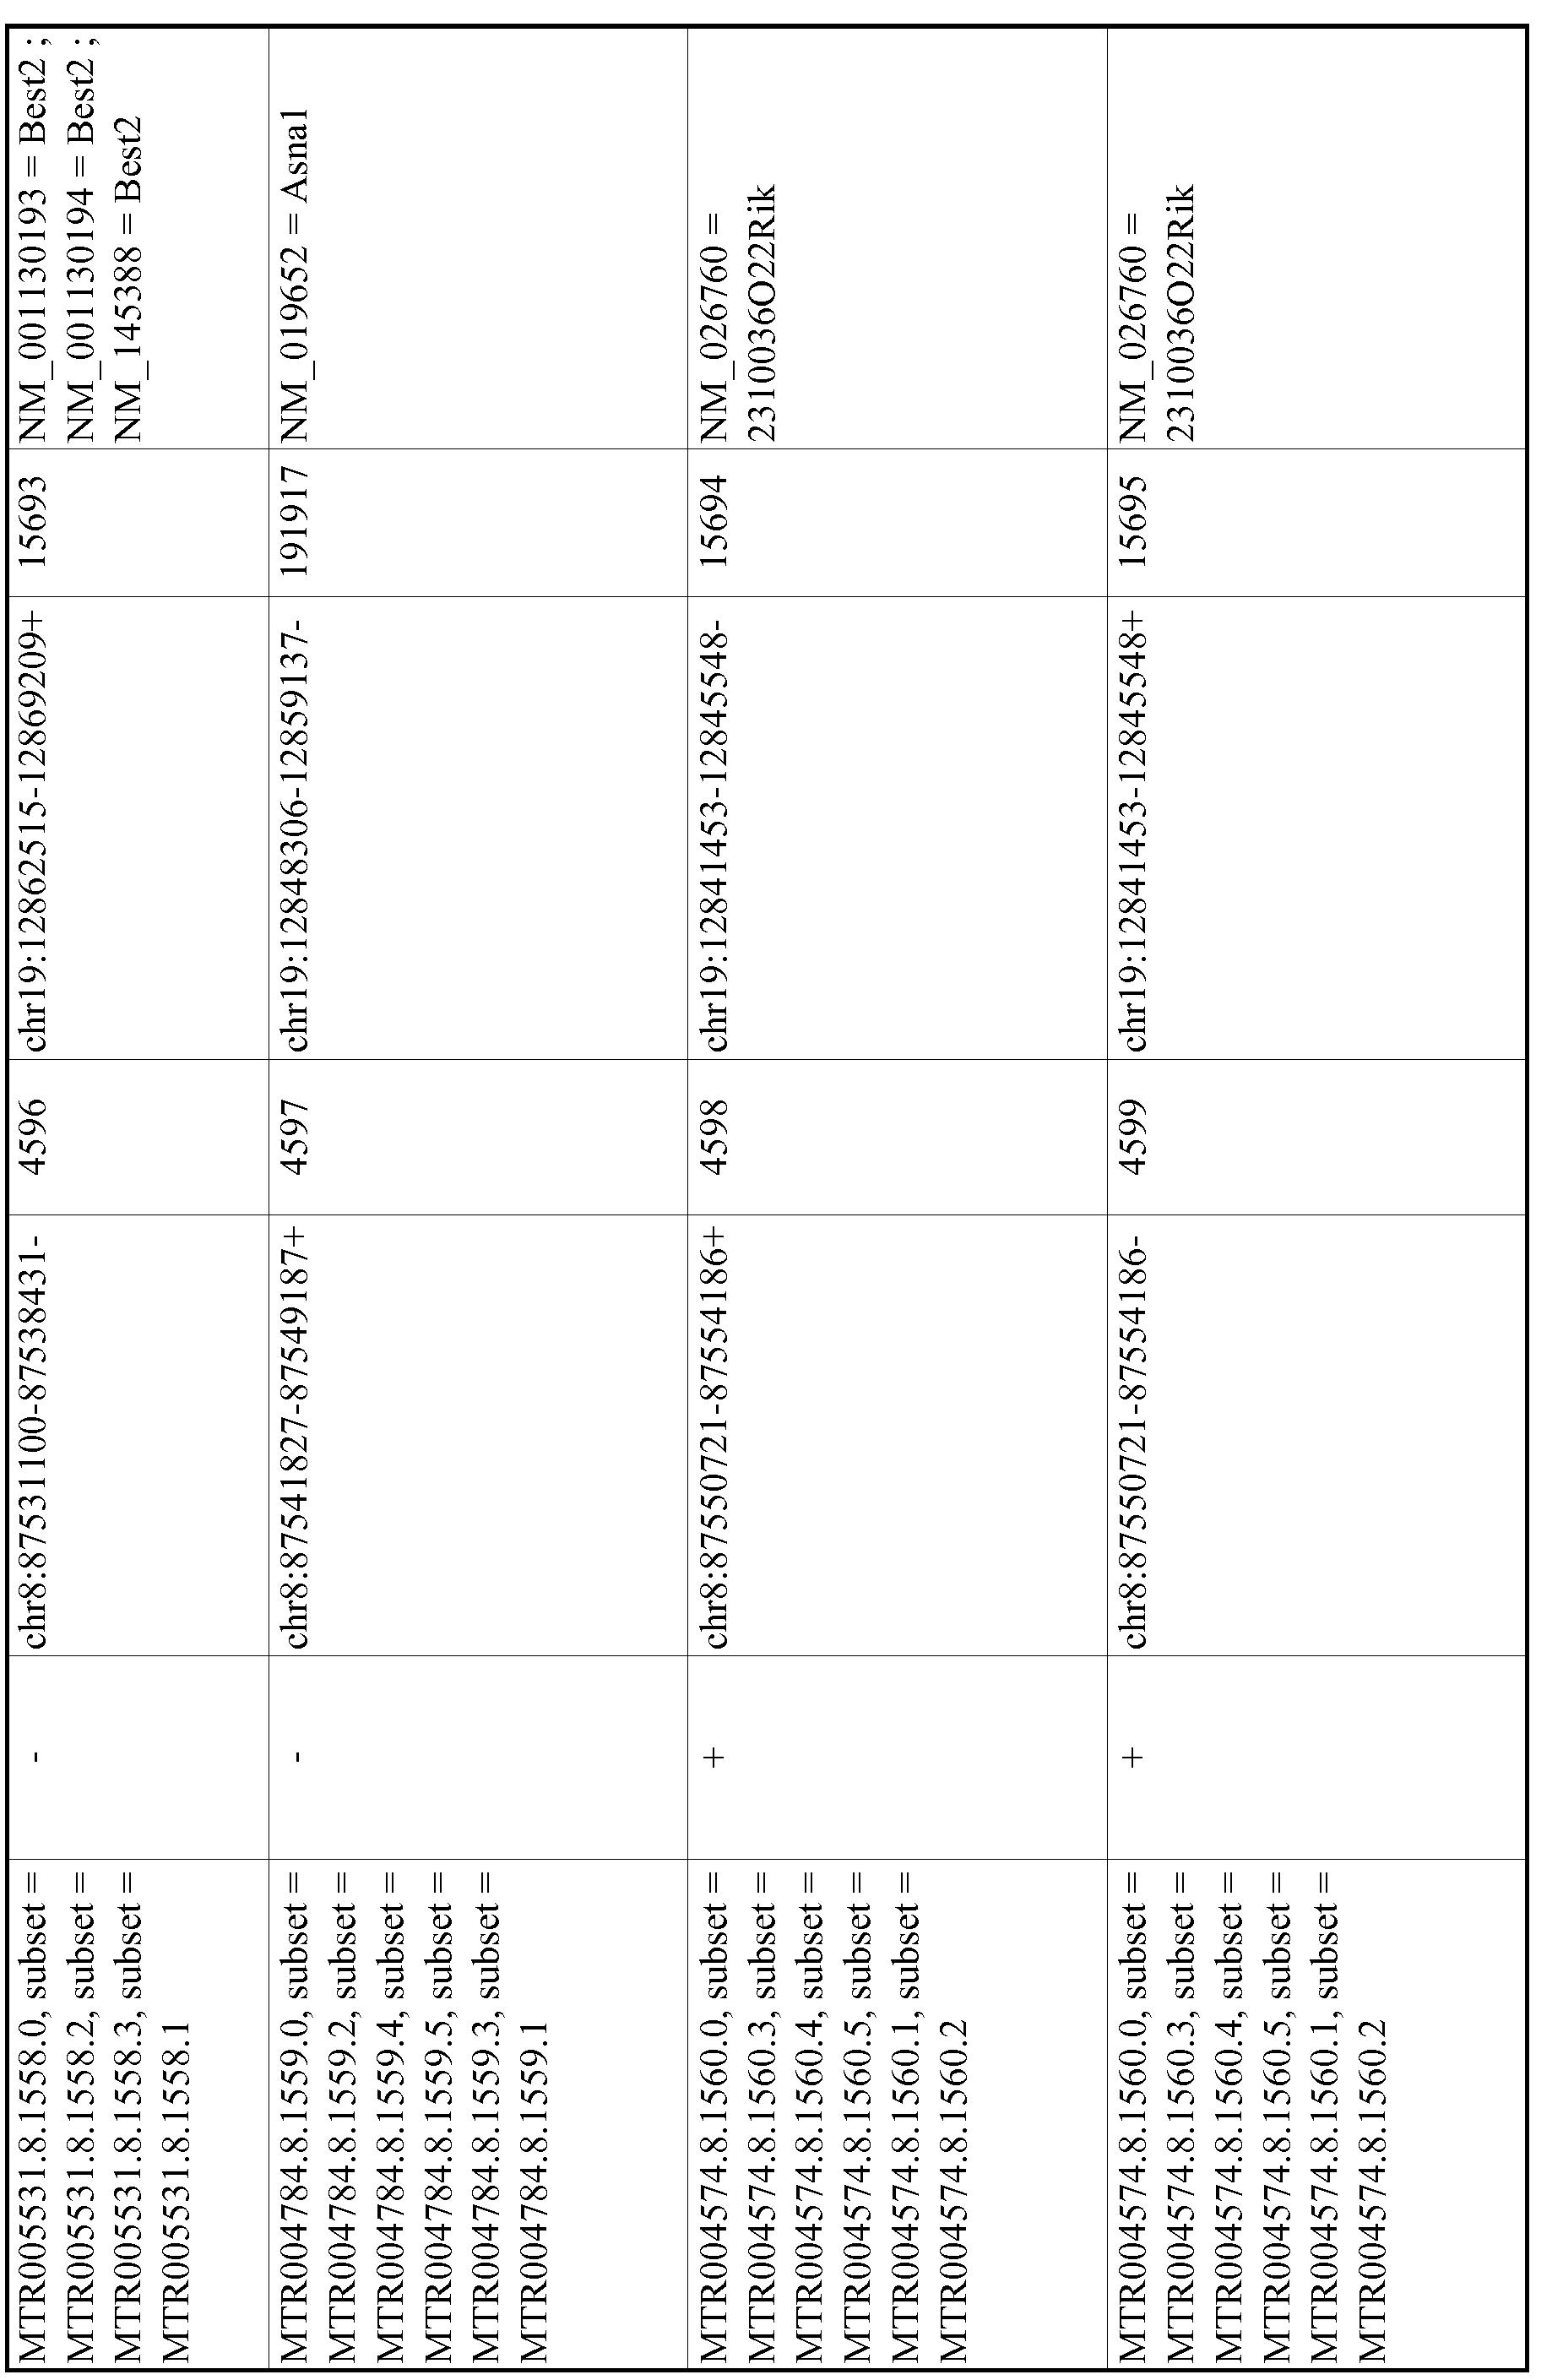 Figure imgf000854_0001